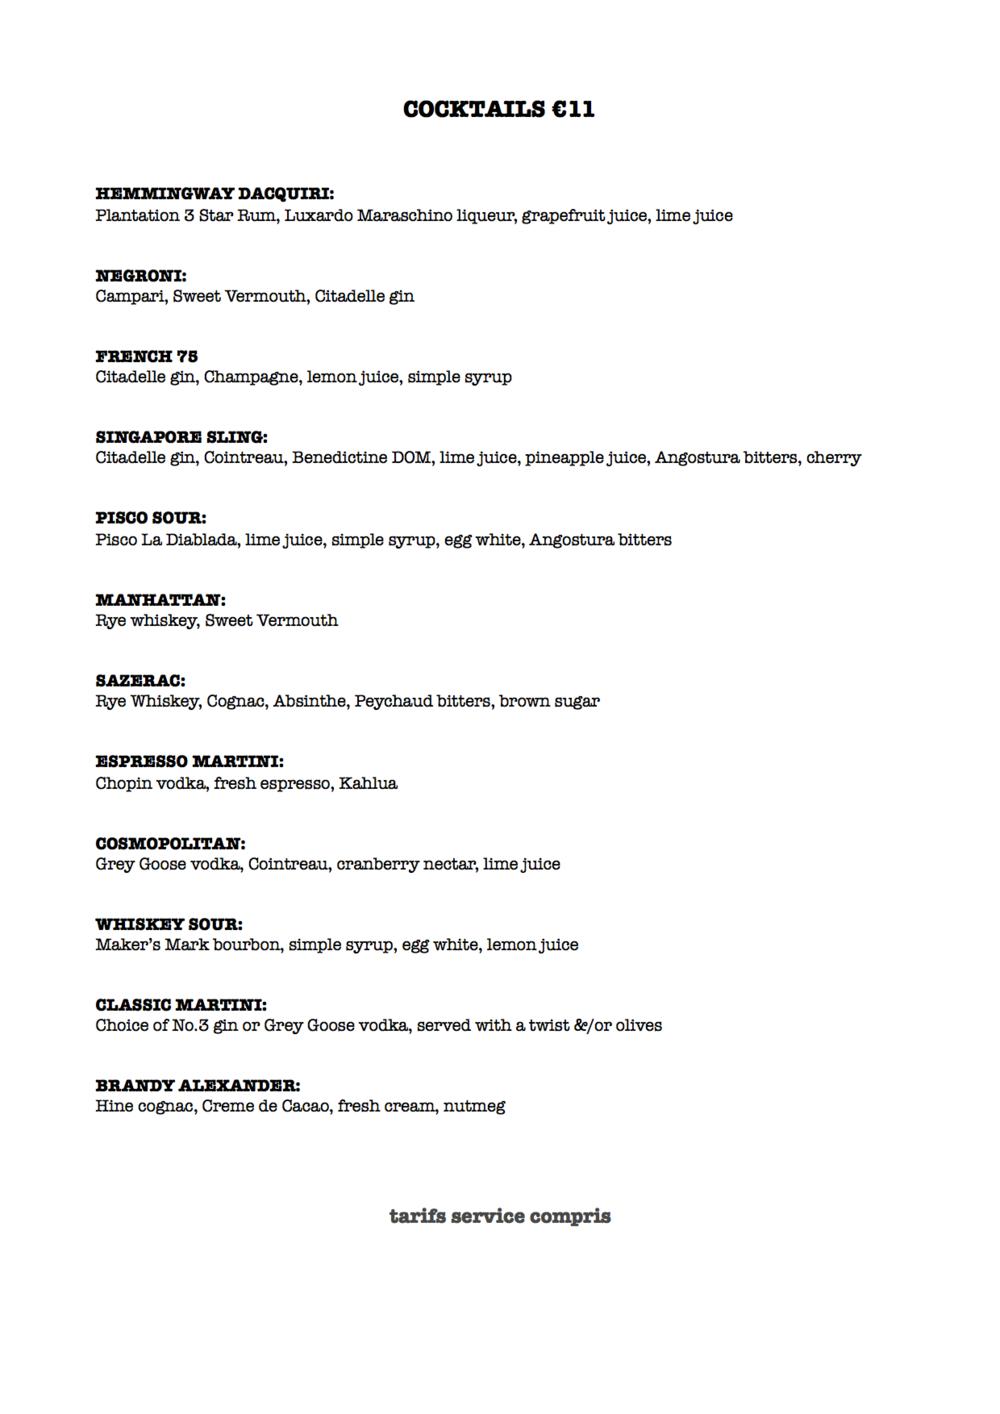 cocktail menu April 2017.png